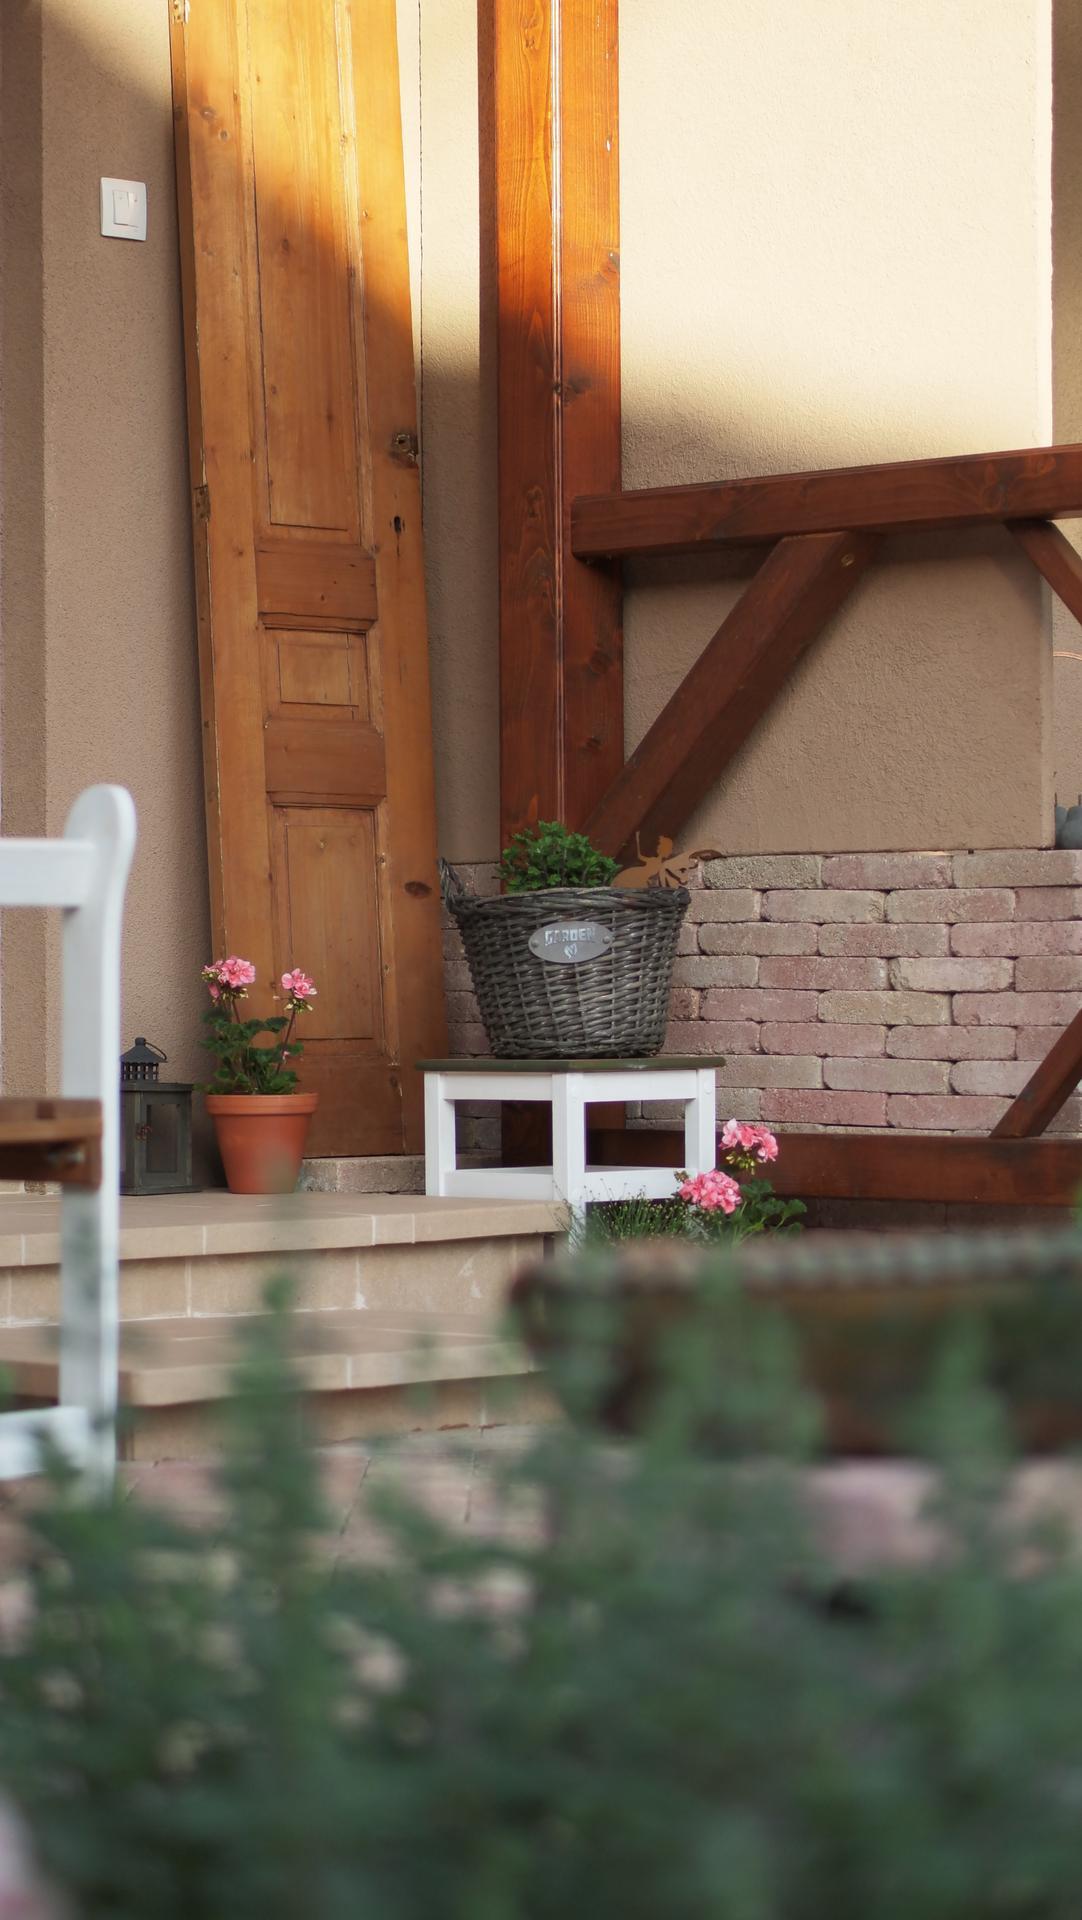 Náš domček ♡ Bramasole ♡ ... Stilo interiér aj exteriér 4. rok bývania - Obrázok č. 76